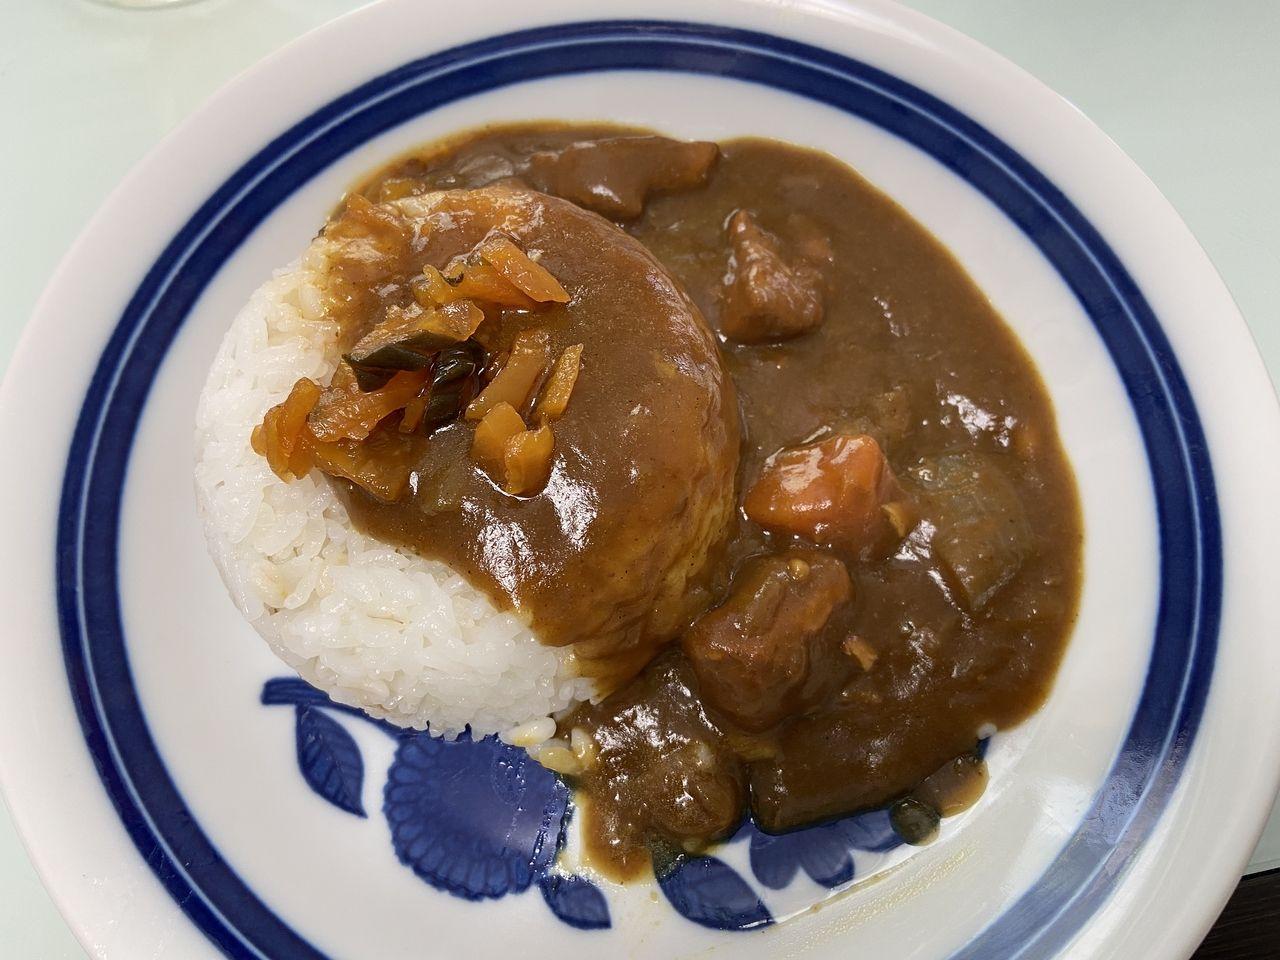 (この記事のブログ№7292)我が家のカレーのゴールデンカレー(S&Bエスビー食品株式会社)です。最近のお気に入りのルーです。うちのカレーは、みじん切りにしたショウガを炒めてから、玉ねぎ、肉、ニンジンと…